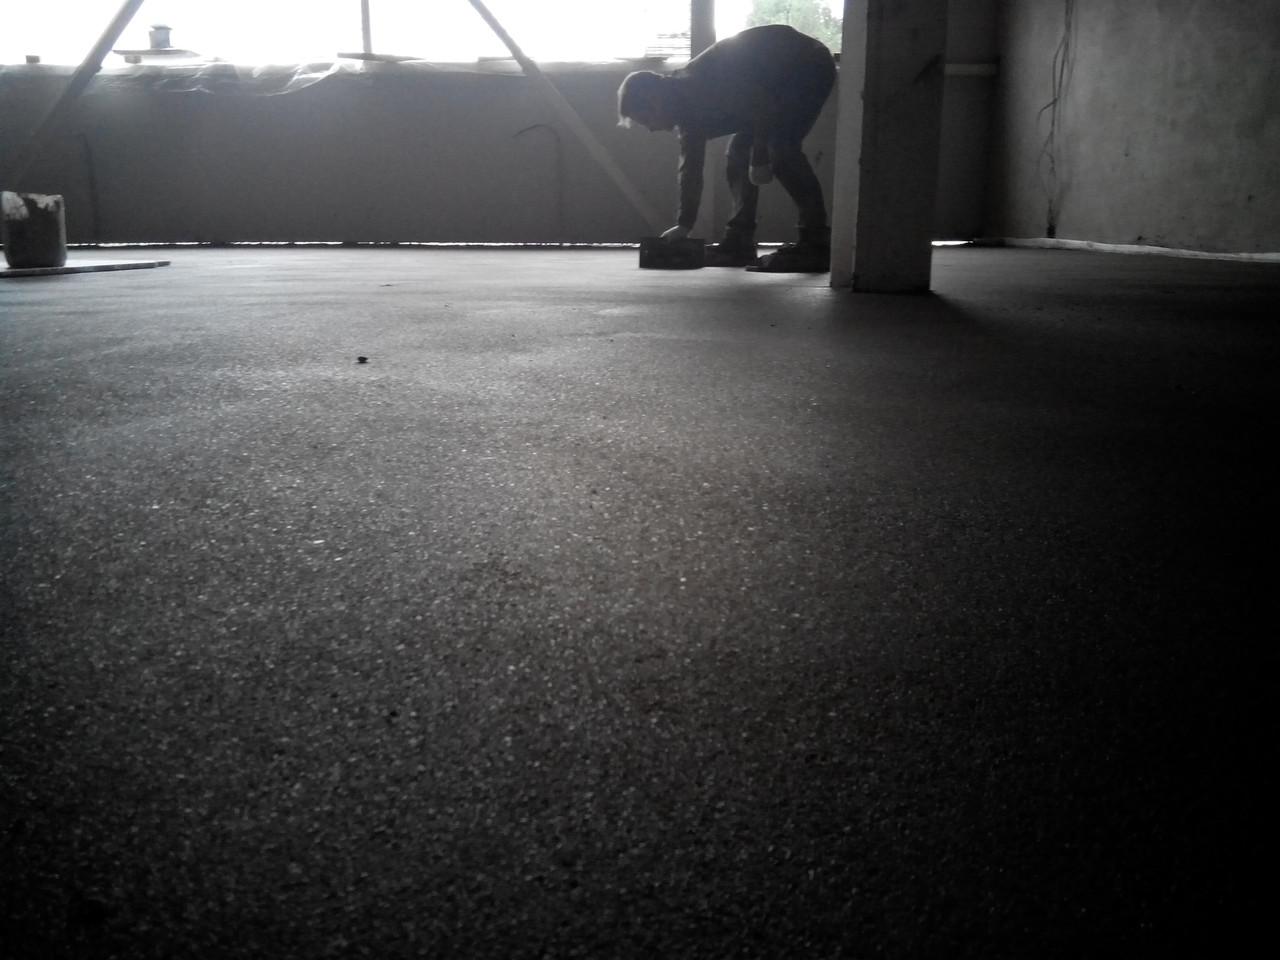 Стяжка пола, машинная стяжка, полусухая стяжка, стяжка фото, стяжка 0660025010, 0660025010, стяжка пола вручную, заливка пола, бетонирование пола, выравнивание пола, ровный пол сделать, ремонт пола, демонтаж пола, стяжка пола Киев, стяжка пола в Киеве, заливка пола в Киеве, машинным способом стяжка, цементно-песчаная стяжка, ровный пол, демонтаж стяжки пола, монтаж стяжки пола, монтаж стяжки, бетонный пол, красивый пол, демонтаж паркета, демонтаж плитки, демонтаж гипсового пола, стяжка в панельном доме, стяжка пола в хрущевке, сделать стяжку пола, заказать стяжку пола